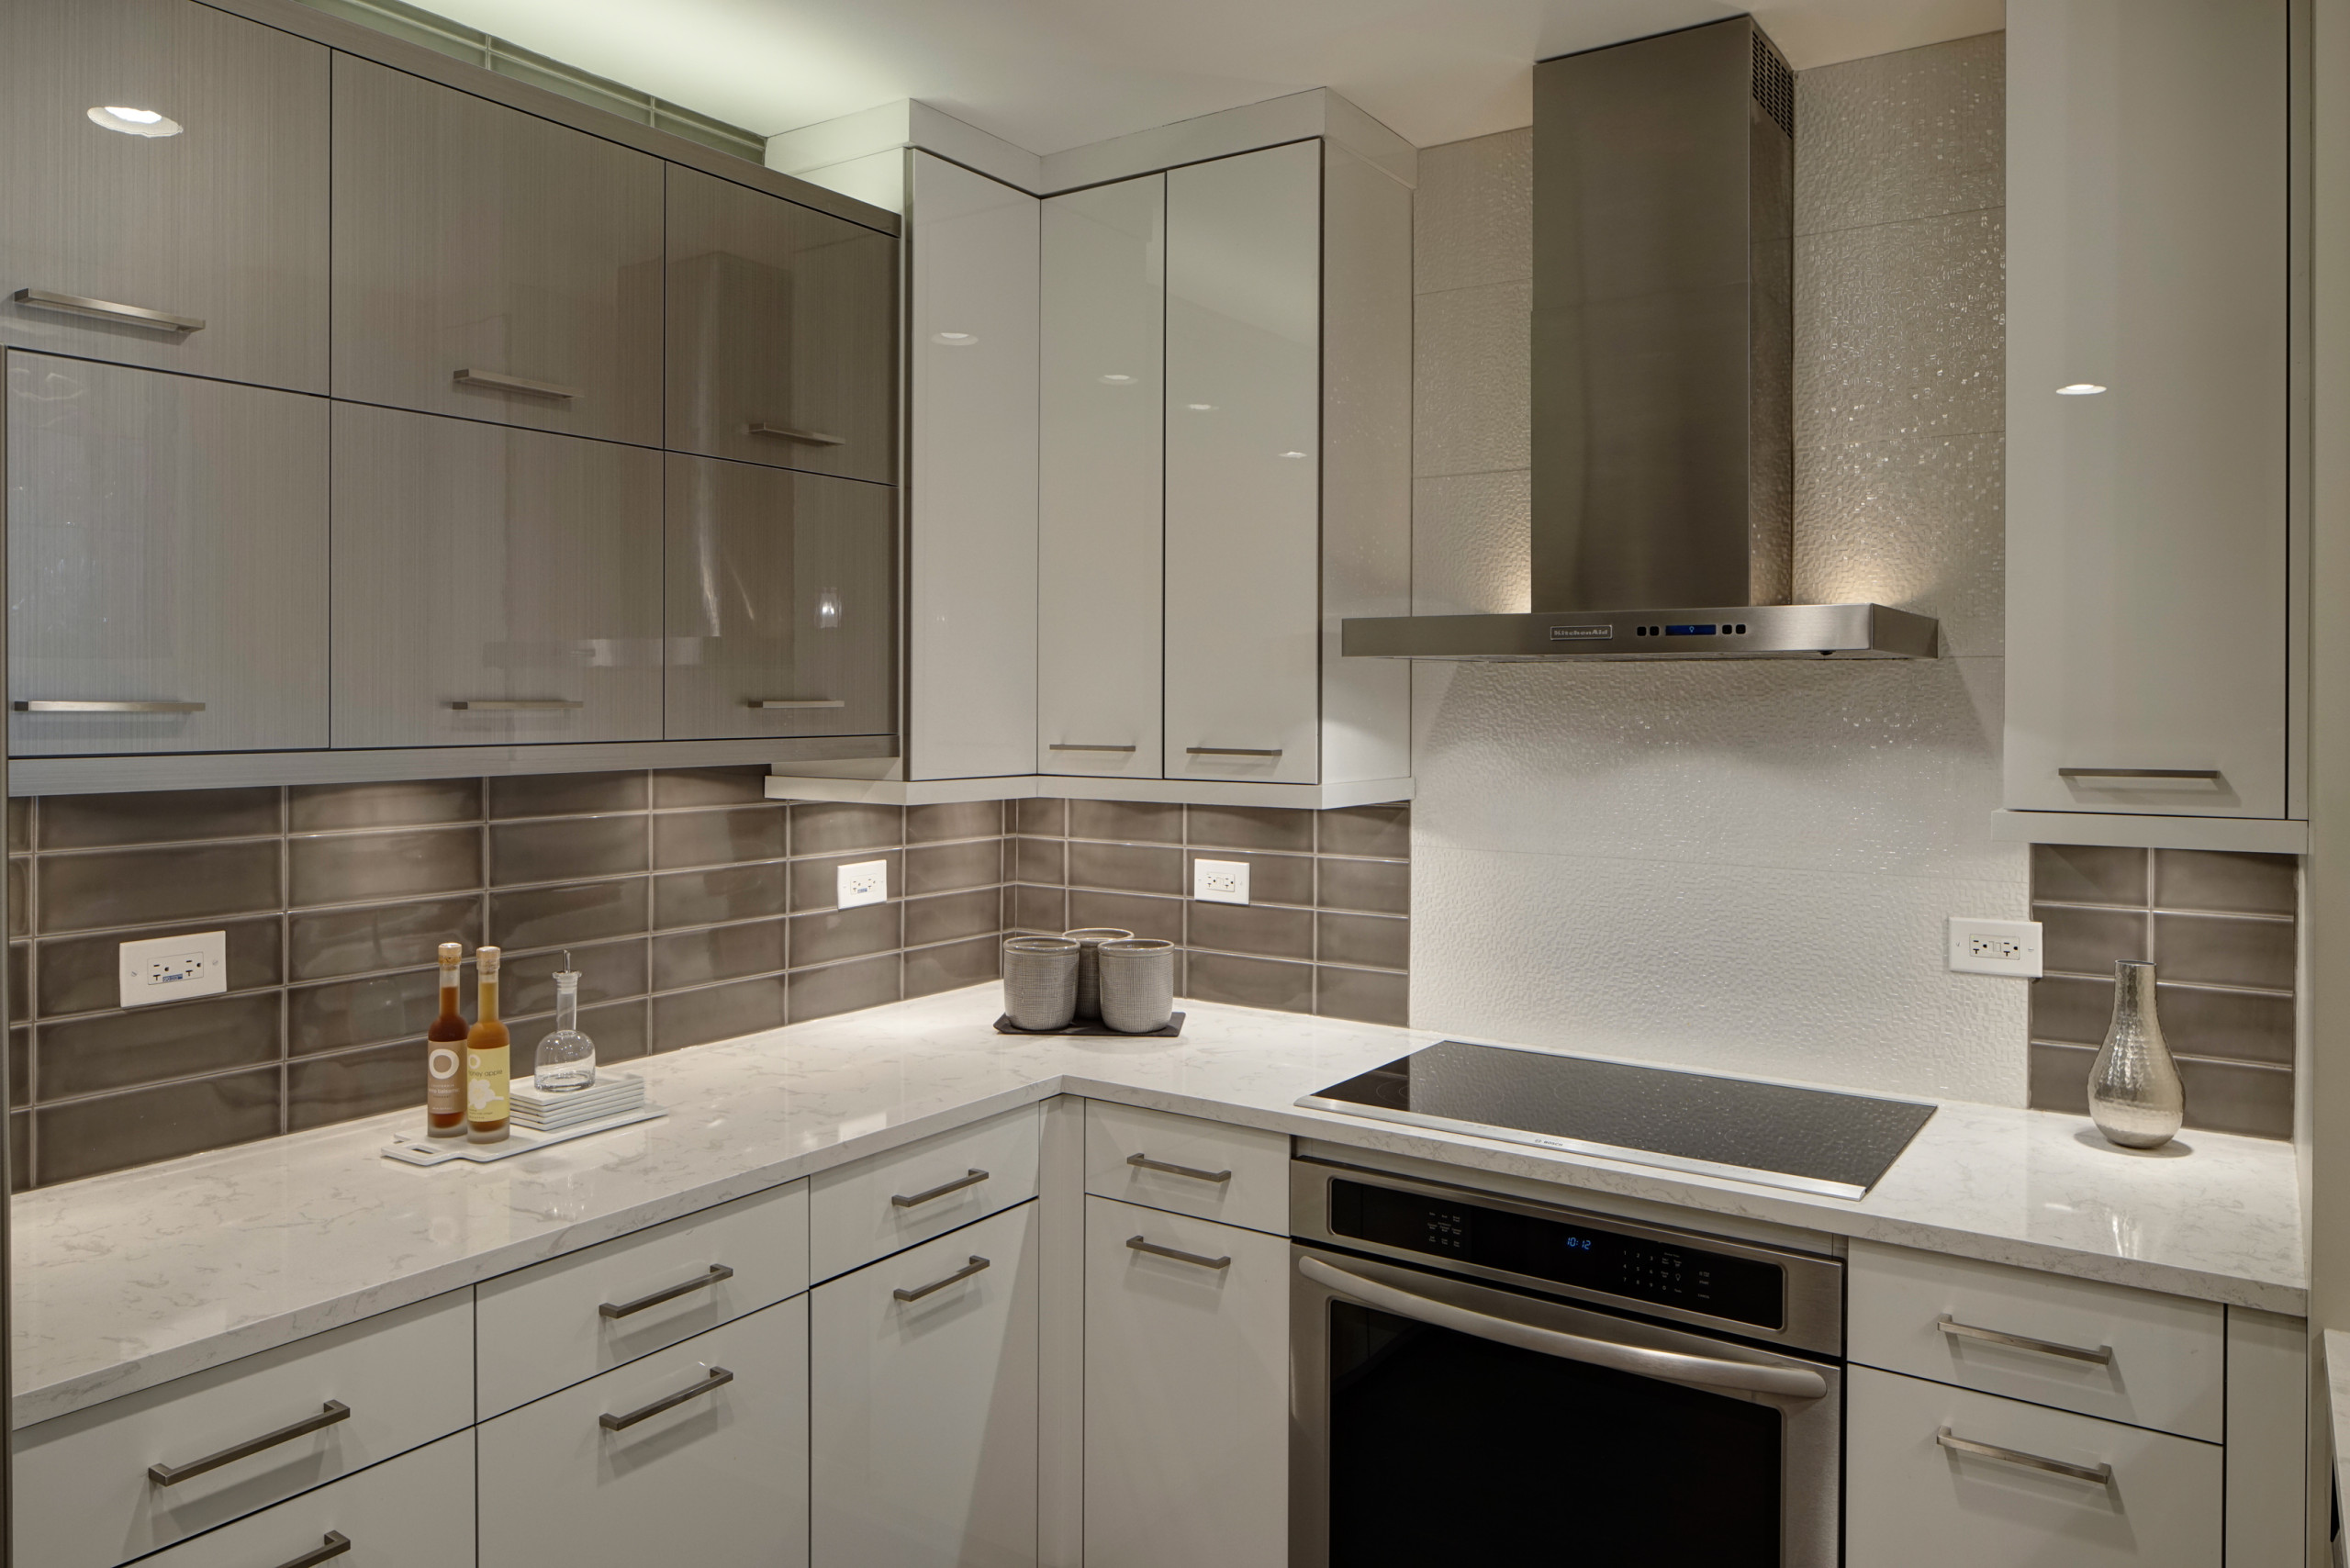 White Acrylic Cabinets Houzz